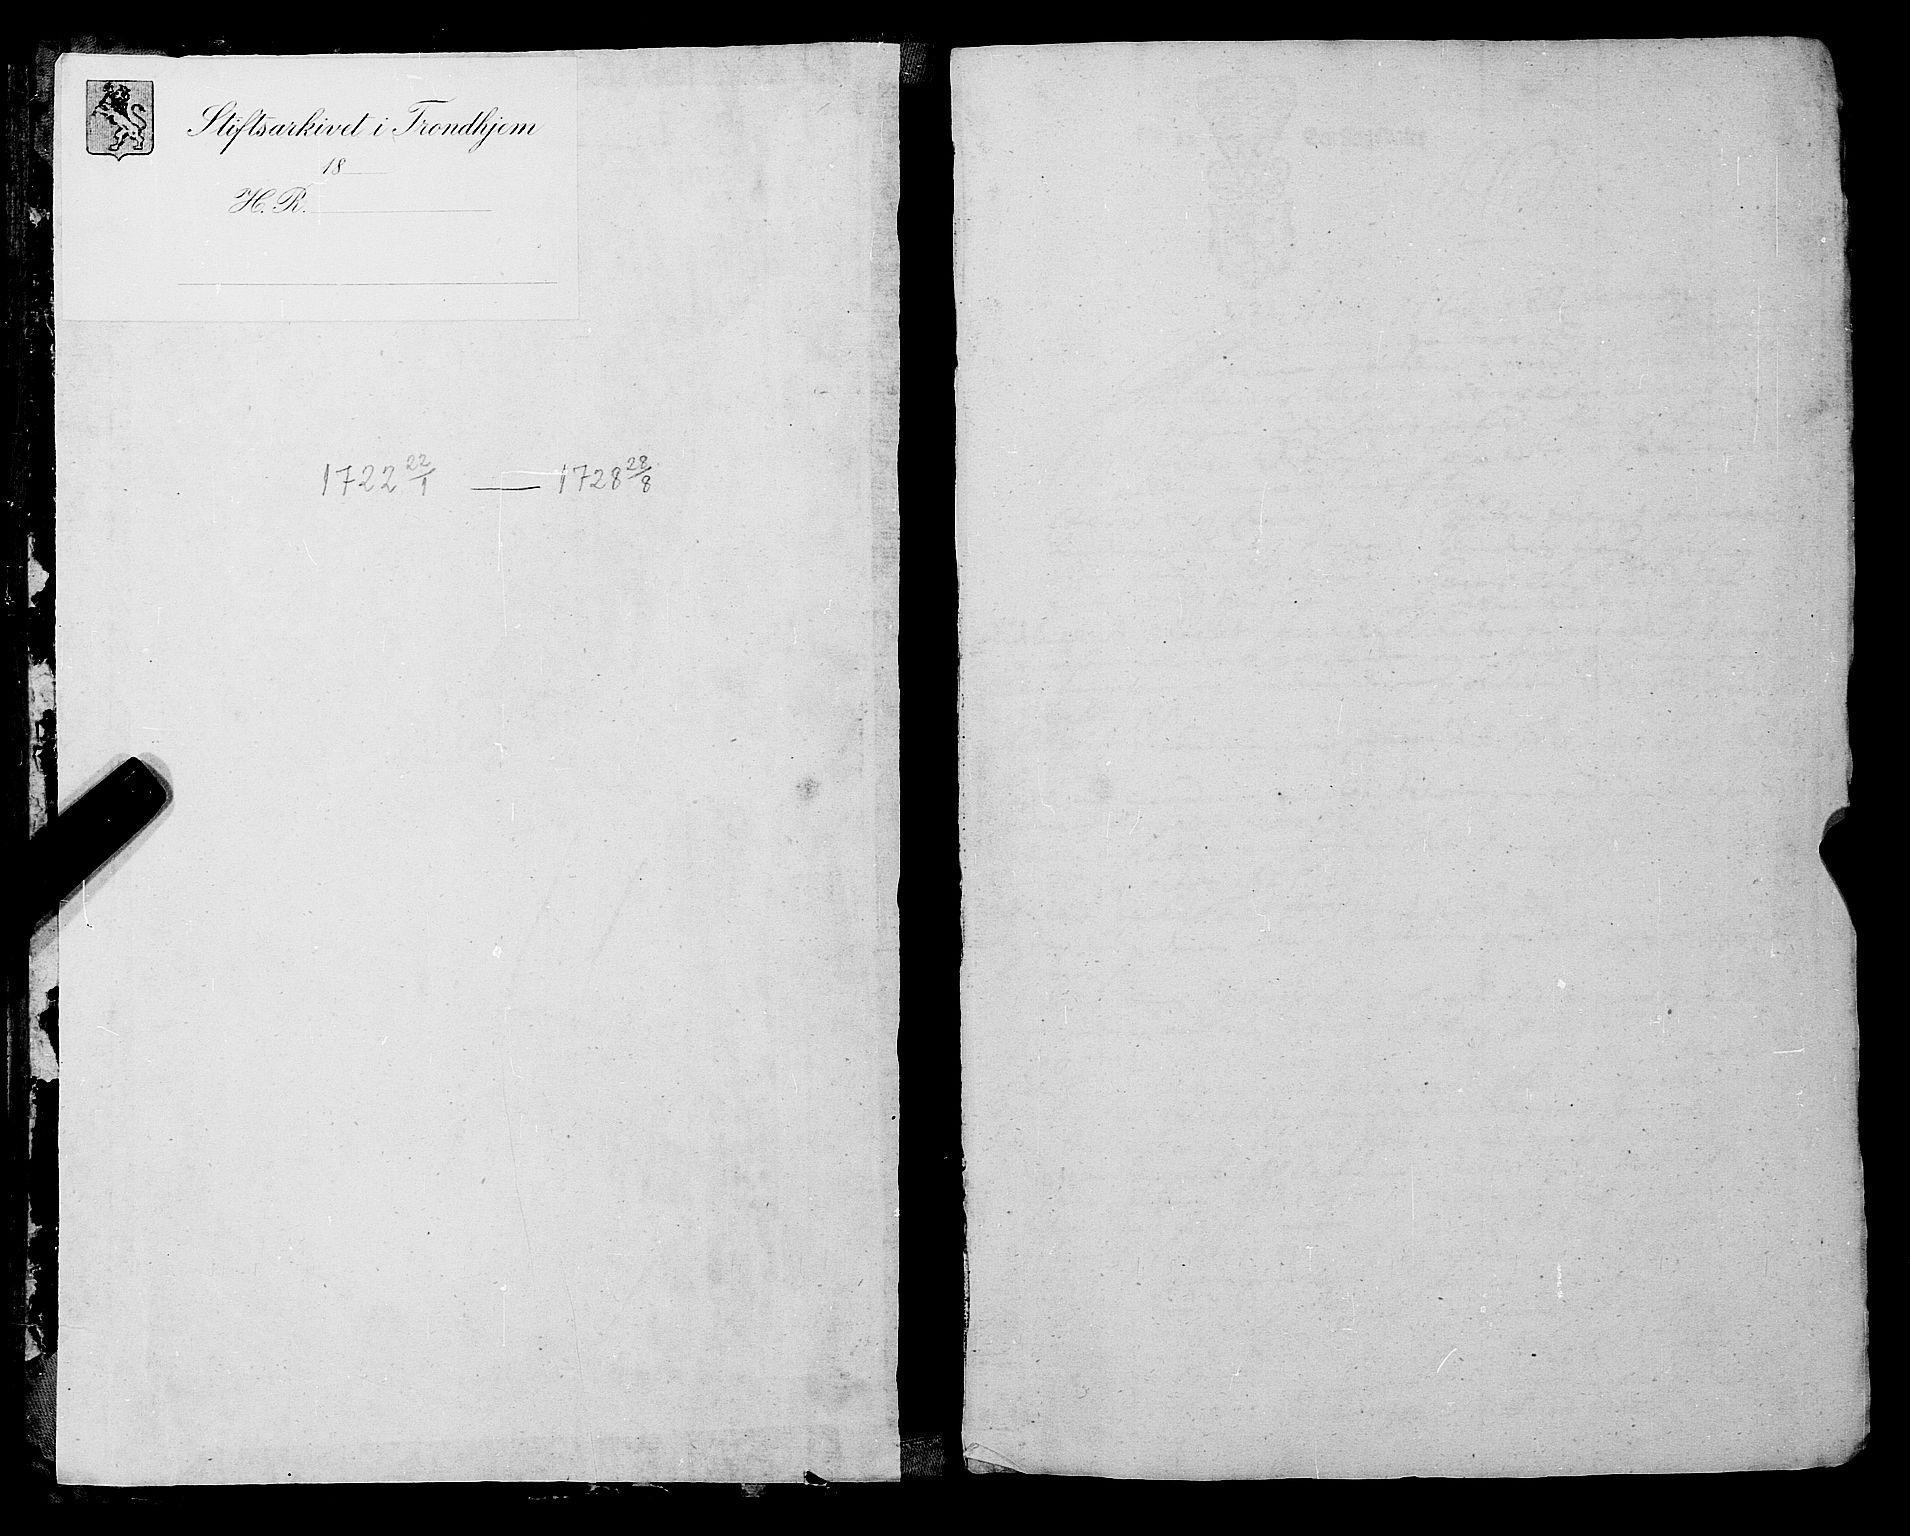 SAT, Romsdal sorenskriveri, 1/1A/L0009: Tingbok, 1722-1728